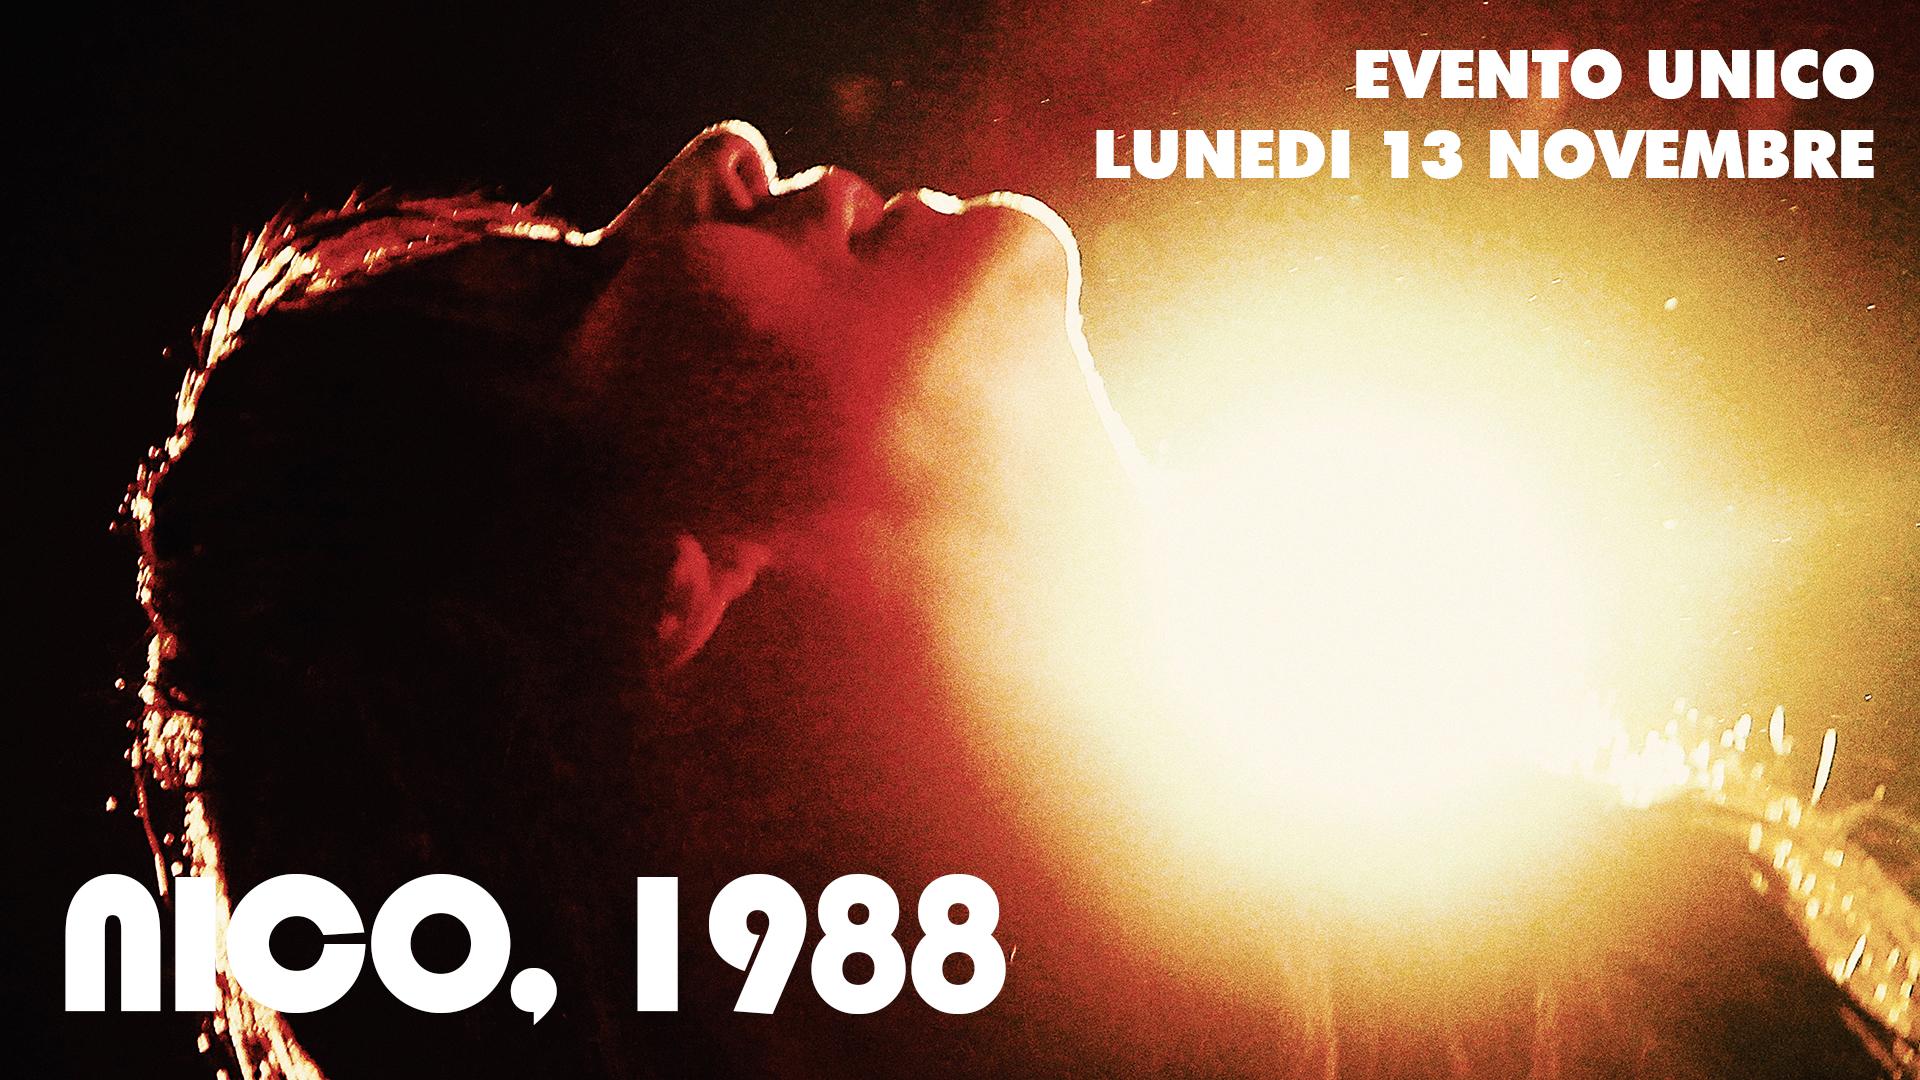 Image for: Proiezione speciale di Nico, 1988